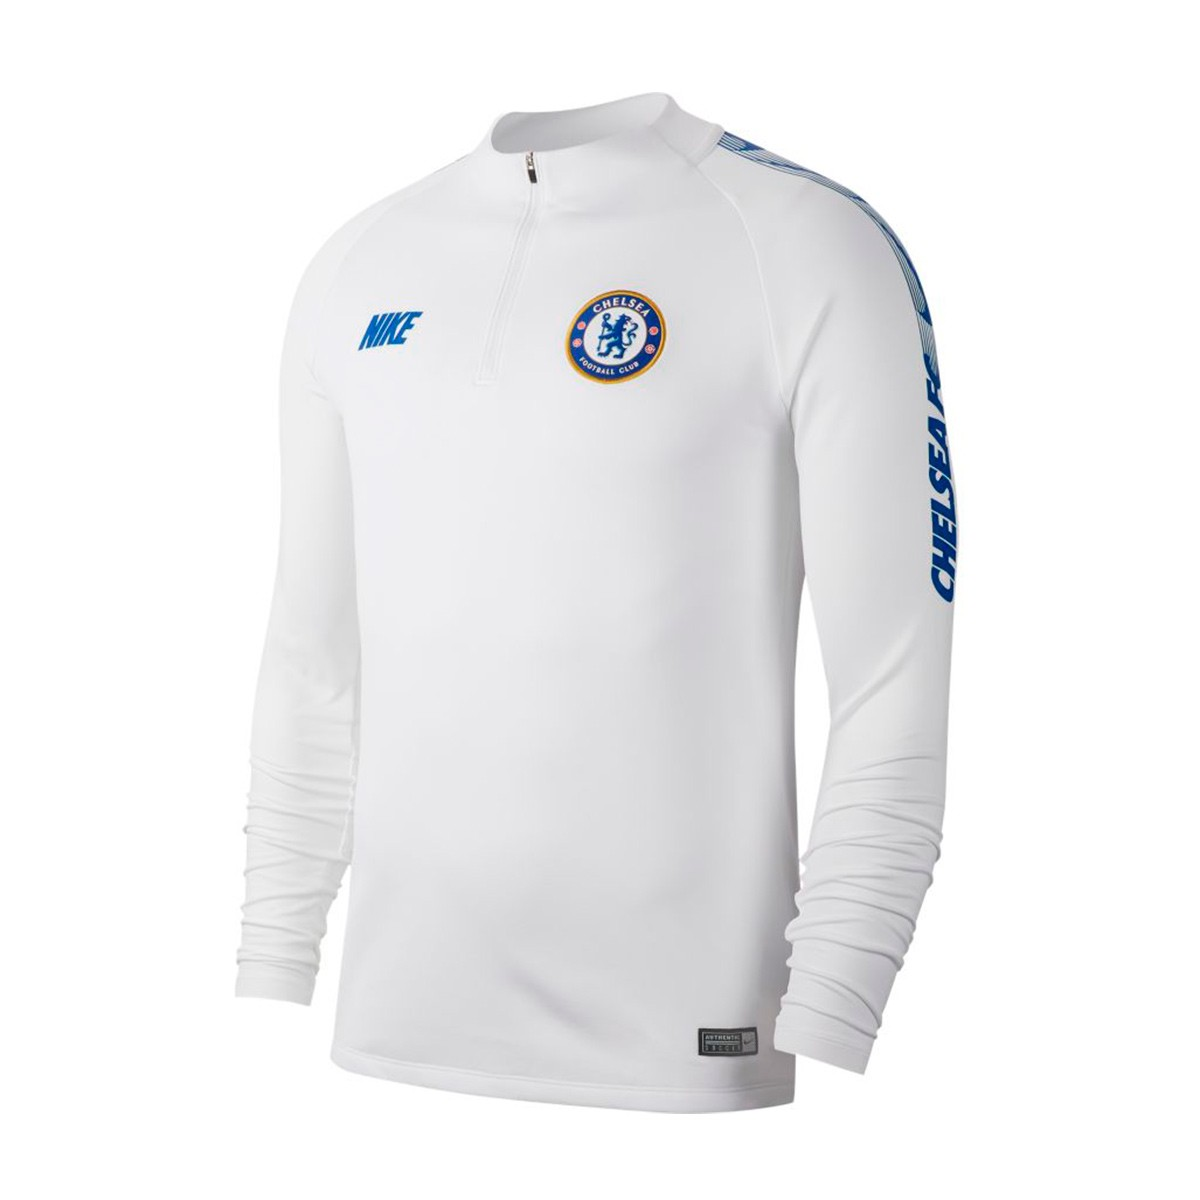 ad3dc9cdebbee Sweatshirt Nike Dry Chelsea FC Squad 2018-2019 White-Rush blue - Football  store Fútbol Emotion